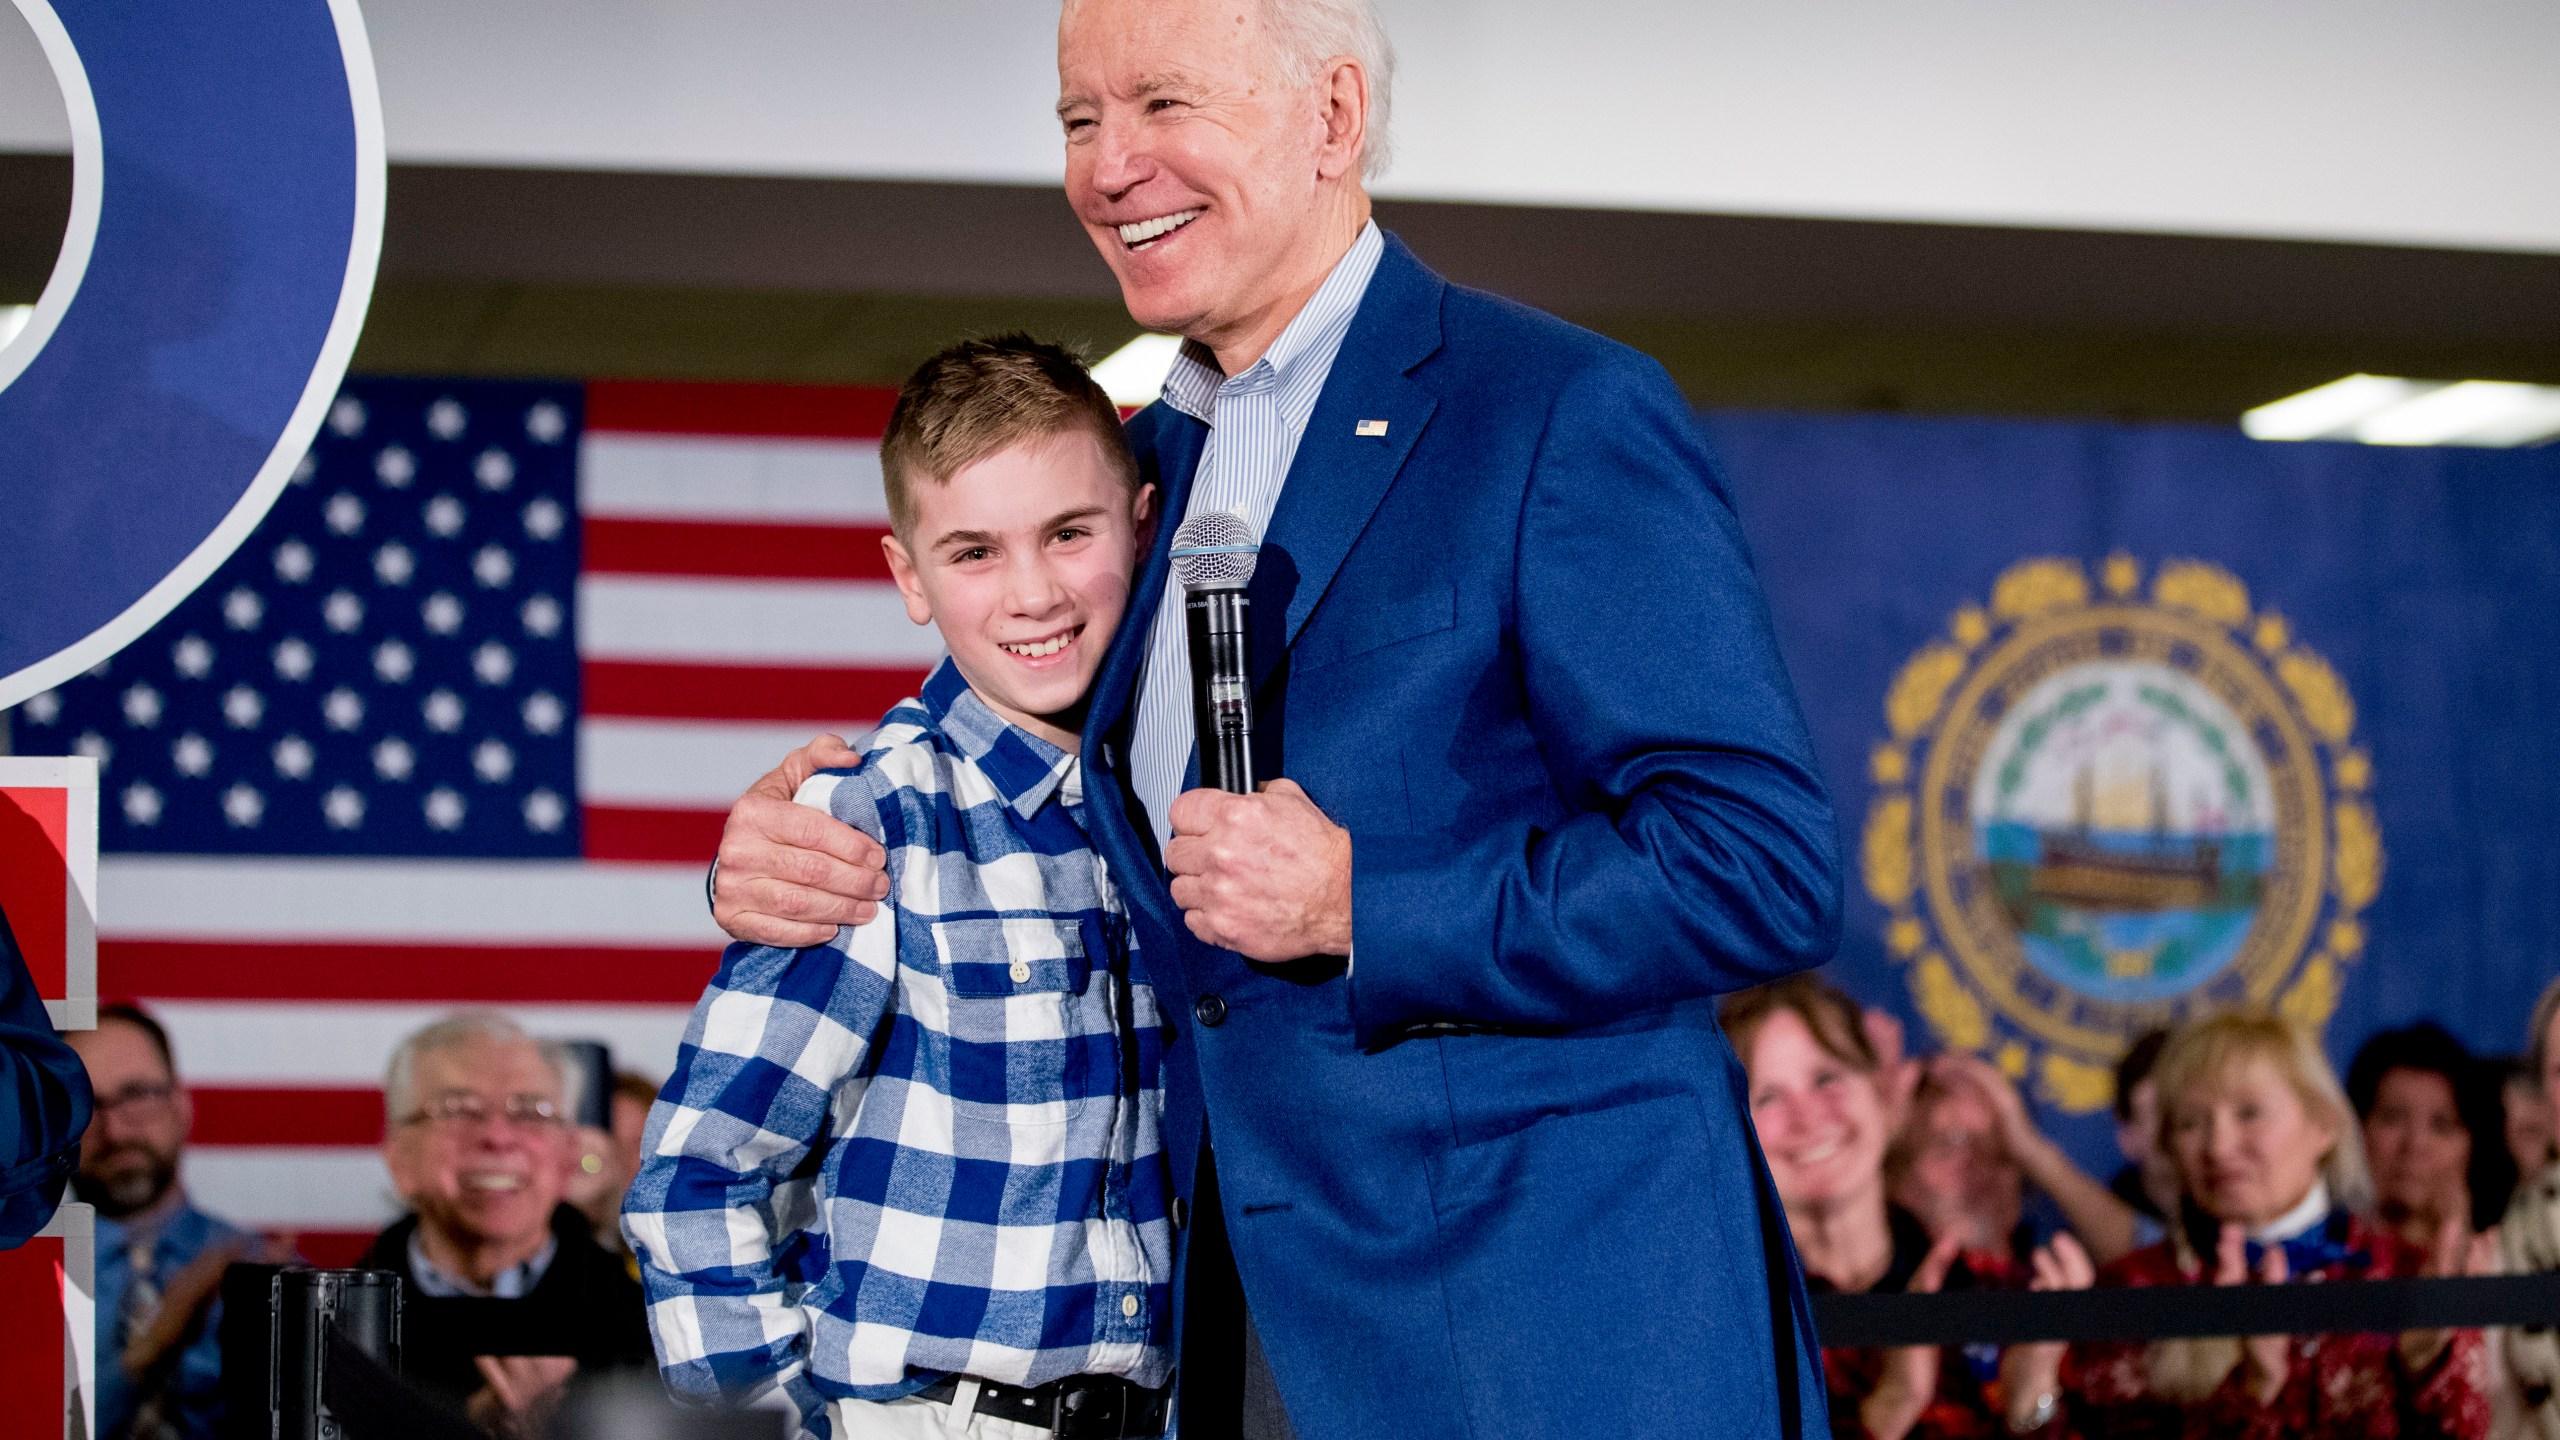 Joe Biden, Brayden Harrington